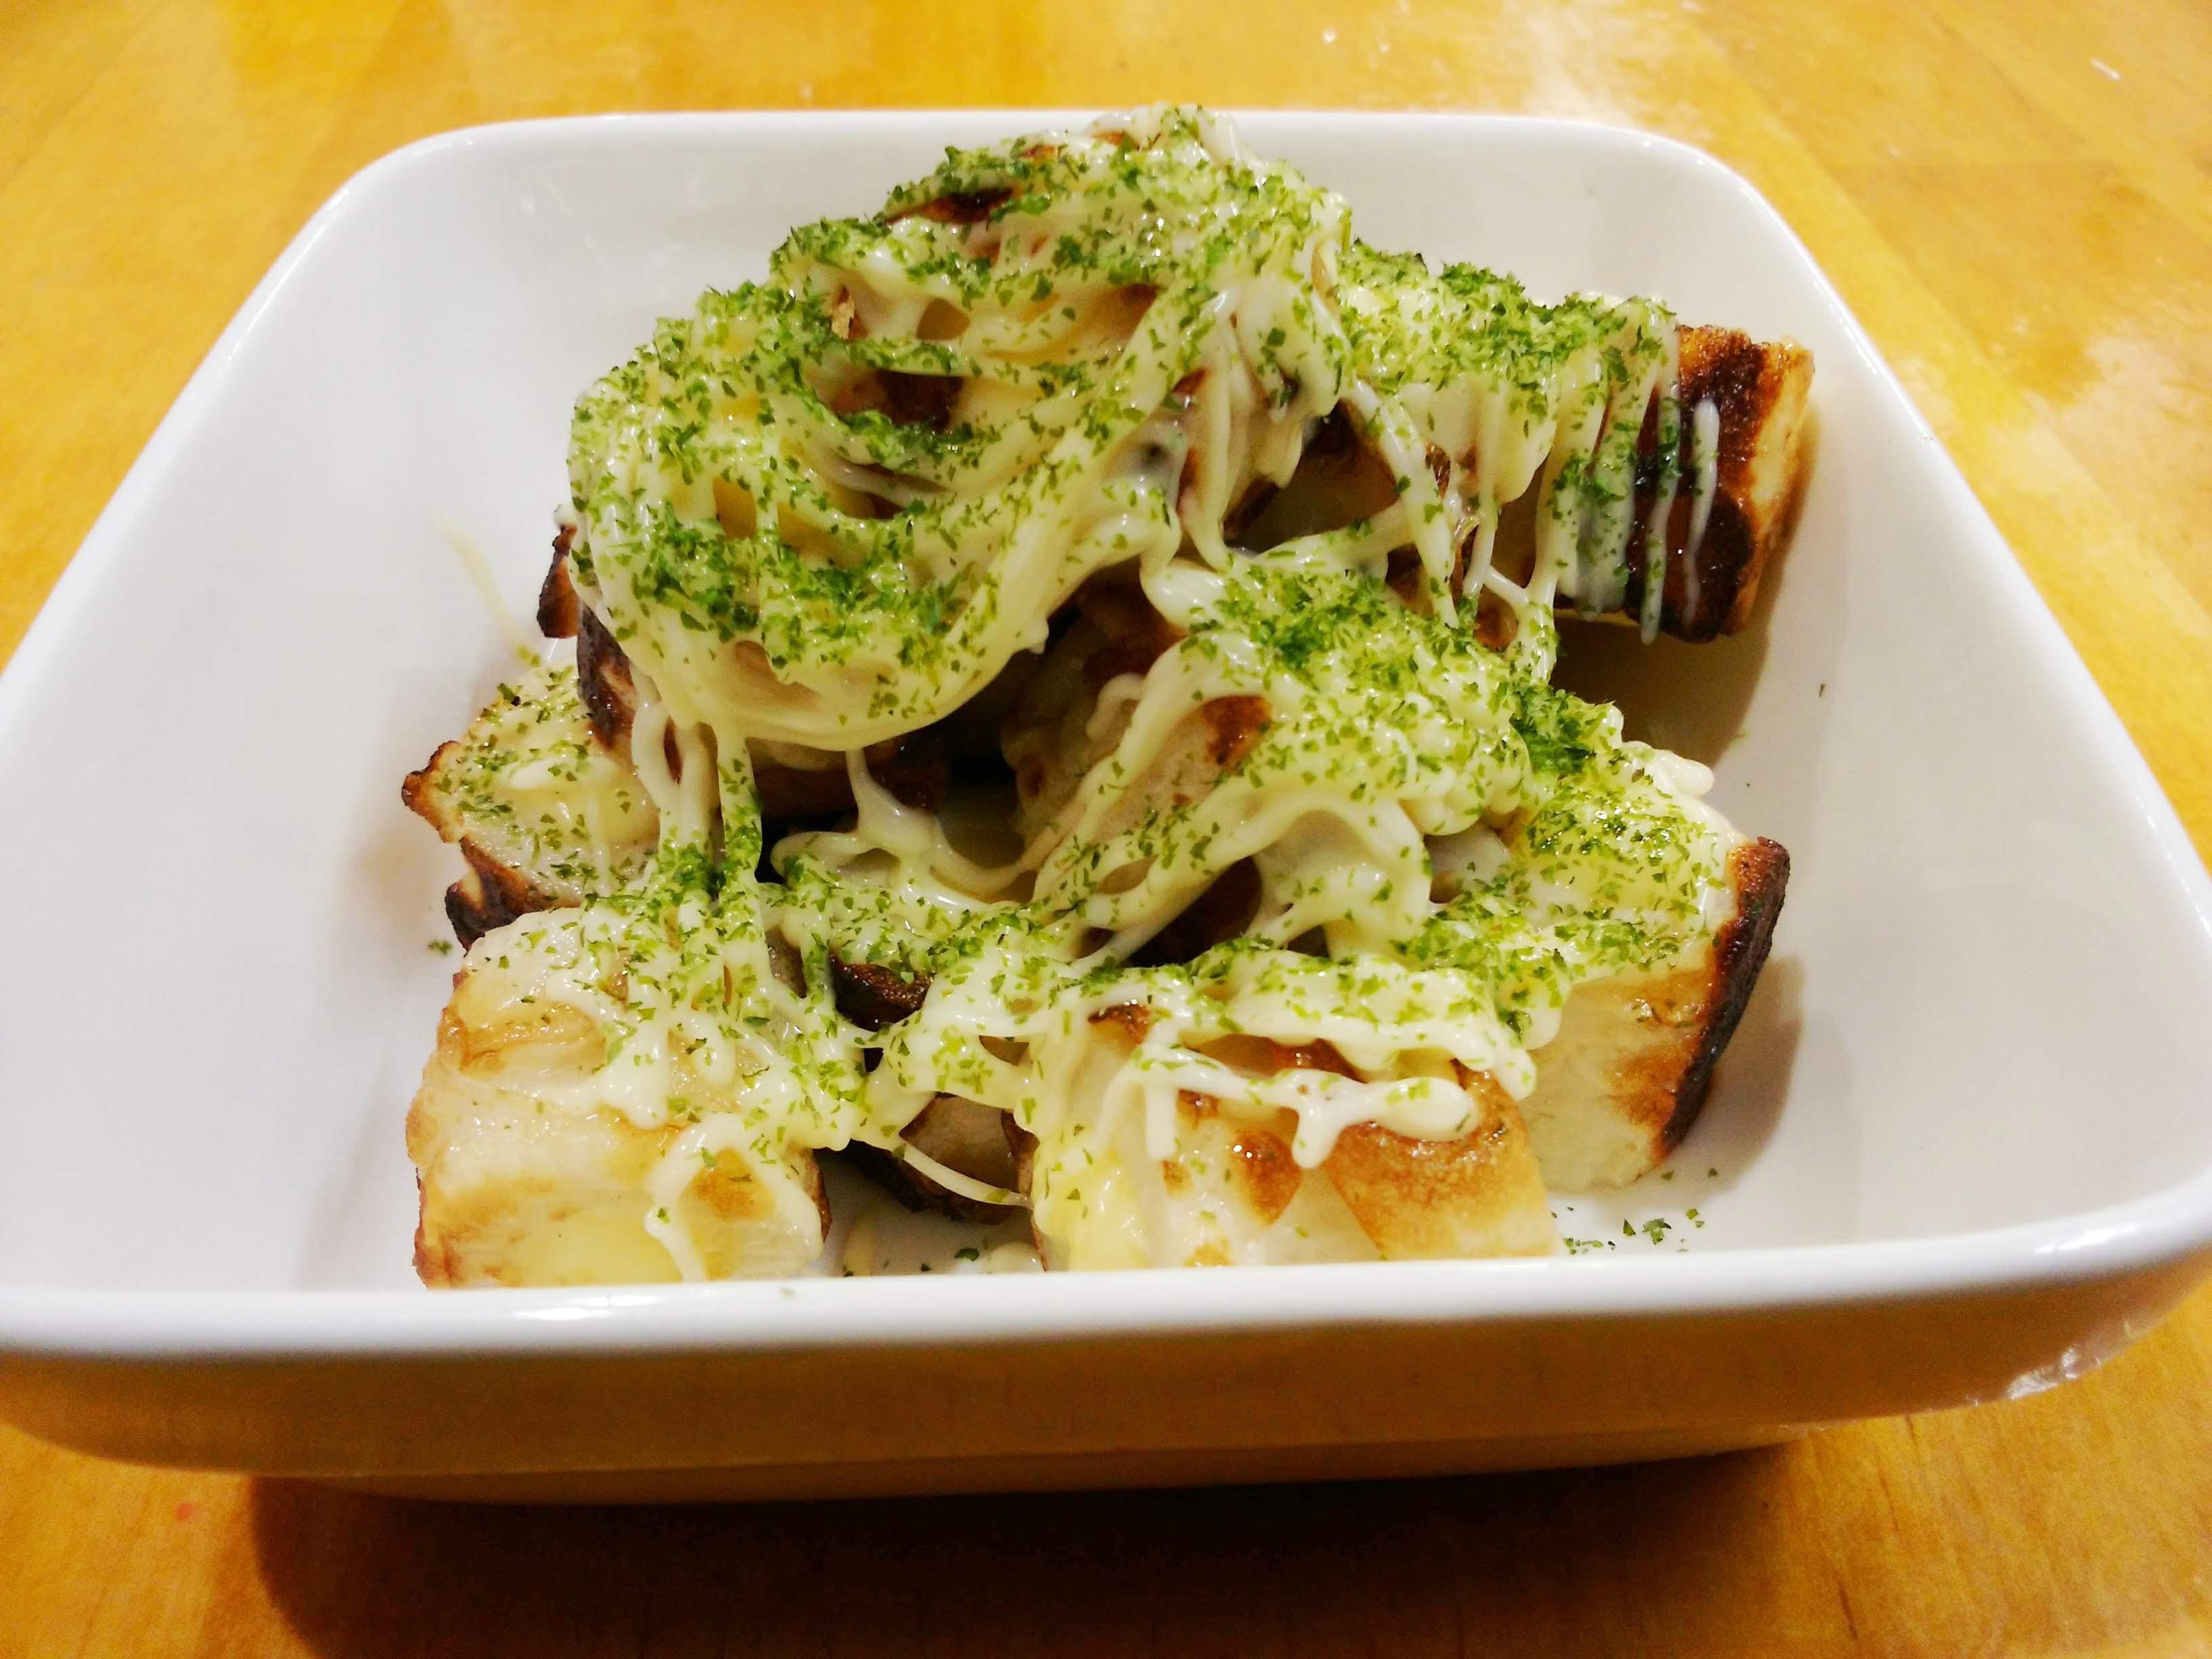 茨木市のたこ焼き店、摂津 たこや貴族。竹輪のチーズ詰め。